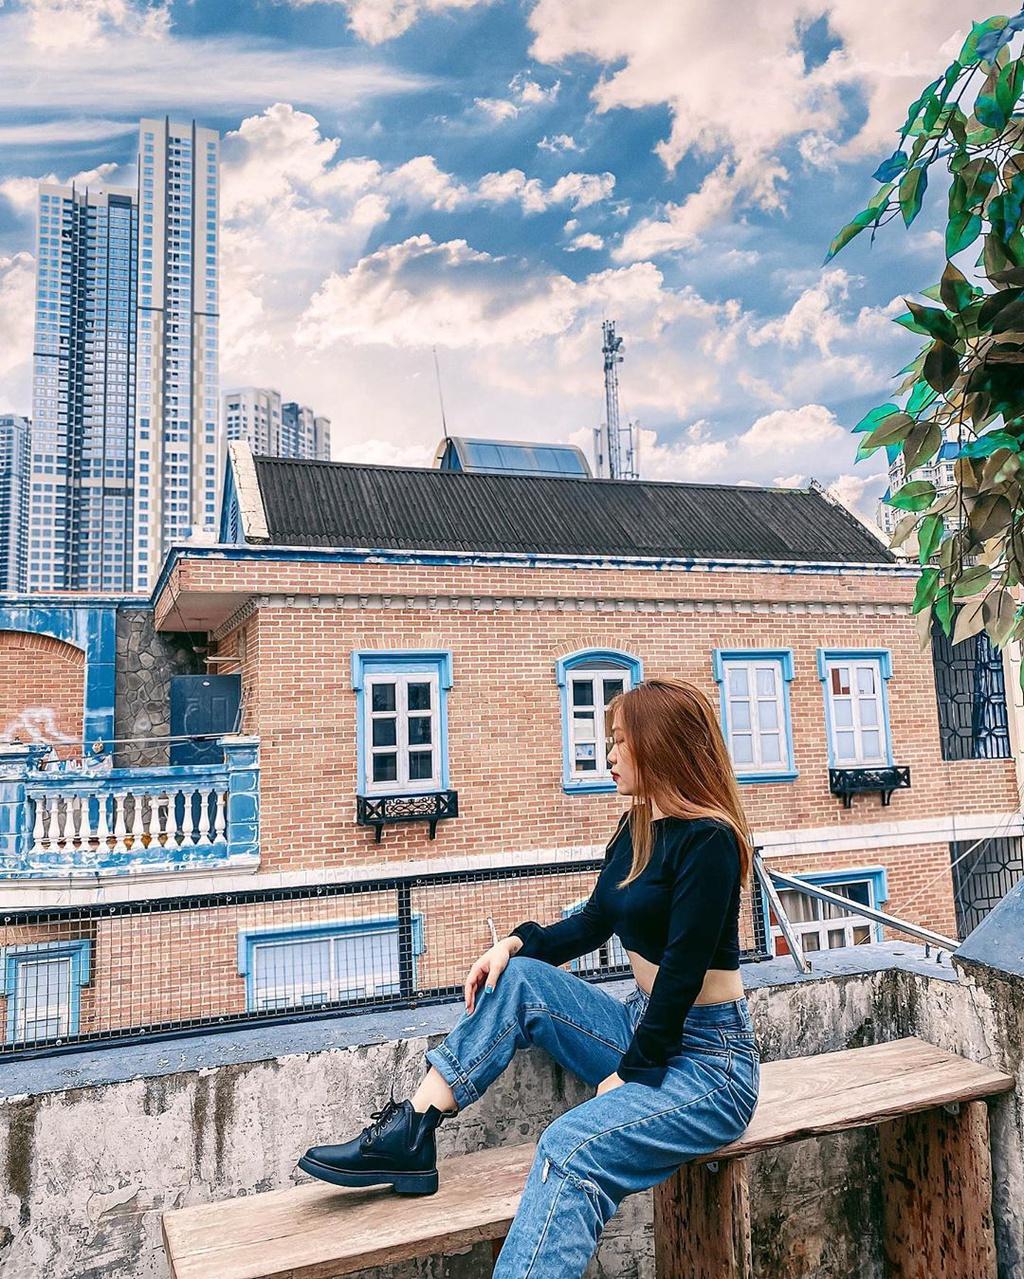 """Nằm trên con đường Nguyễn Hữu Cảnh, 2PM Coffee là địa điểm có view """"bao trọn"""" tòa nhà cao nhất Sài thành, Landmark 81. Dù nằm trên tầng thượng, quán gây ấn tượng với không gian rộng rãi, thoáng mát, được trang trí với nhiều cây xanh. Tại đây, bạn có thể thả dáng với phông nền những tòa cao ốc chọc trời phía sau, ngắm phố phường Sài thành tấp nập bên dưới... Ảnh: Ntnt178, vanhanie93."""